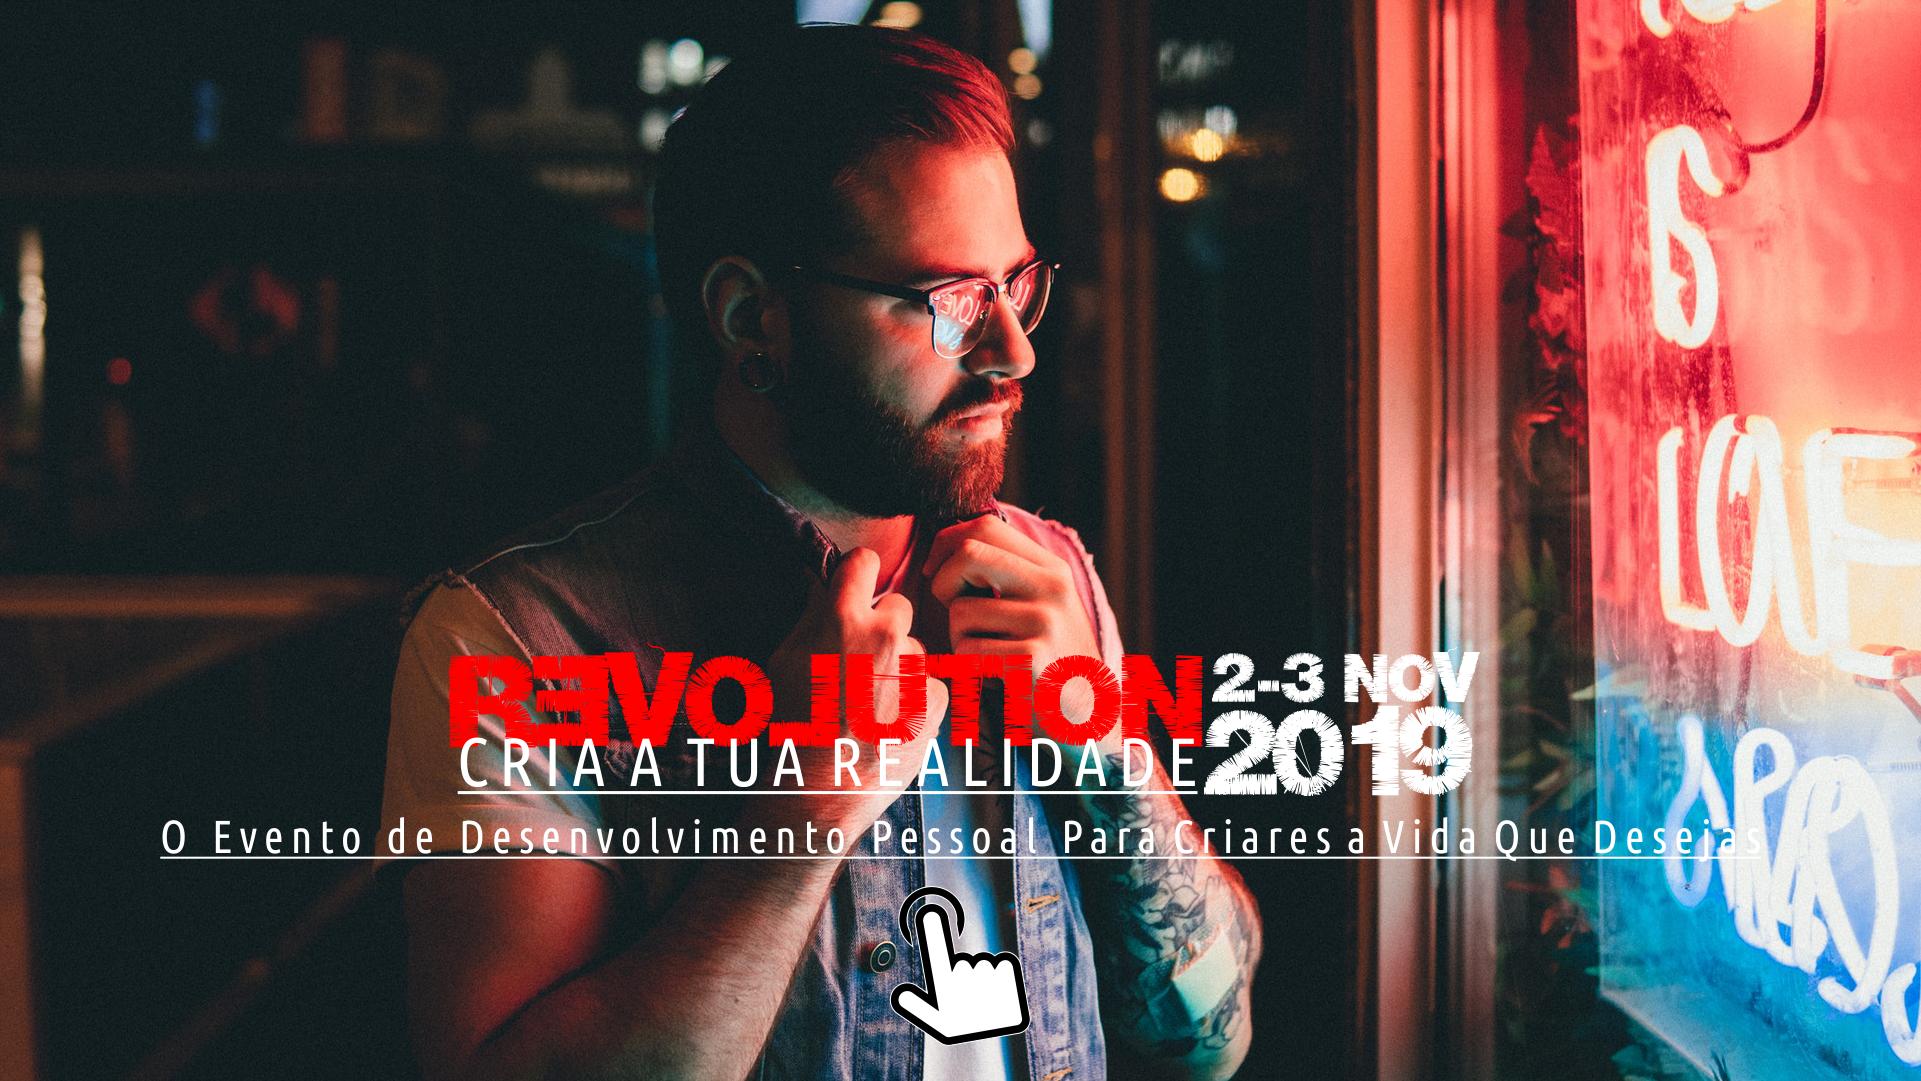 Evento Revolution CRIA A TUA REALIDADE: O Evento de Desenvolvimento Pessoal Para Criares a Vida Que Desejas